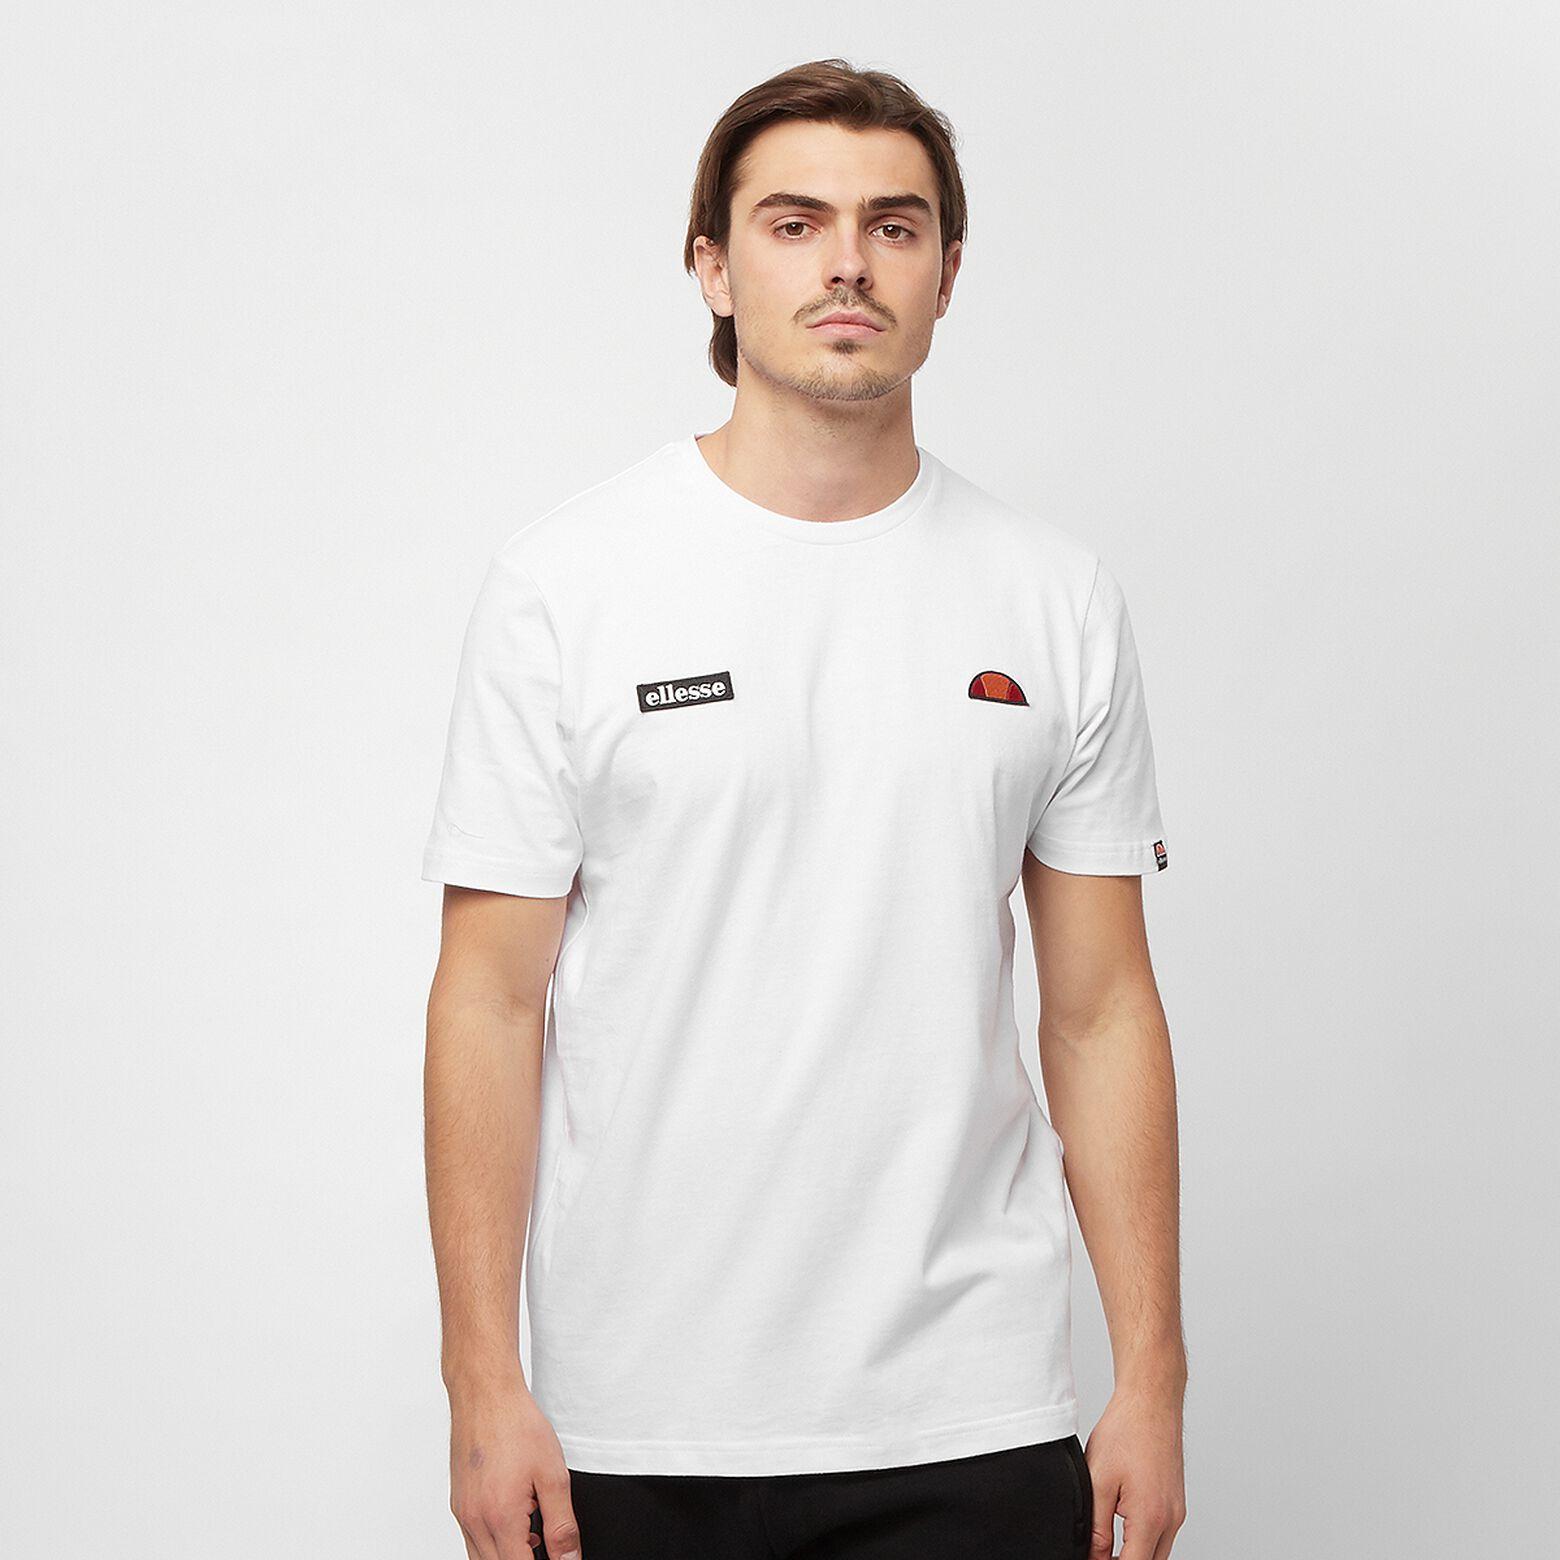 Camiseta ELLESSE a recoger en tienda por 3,50€